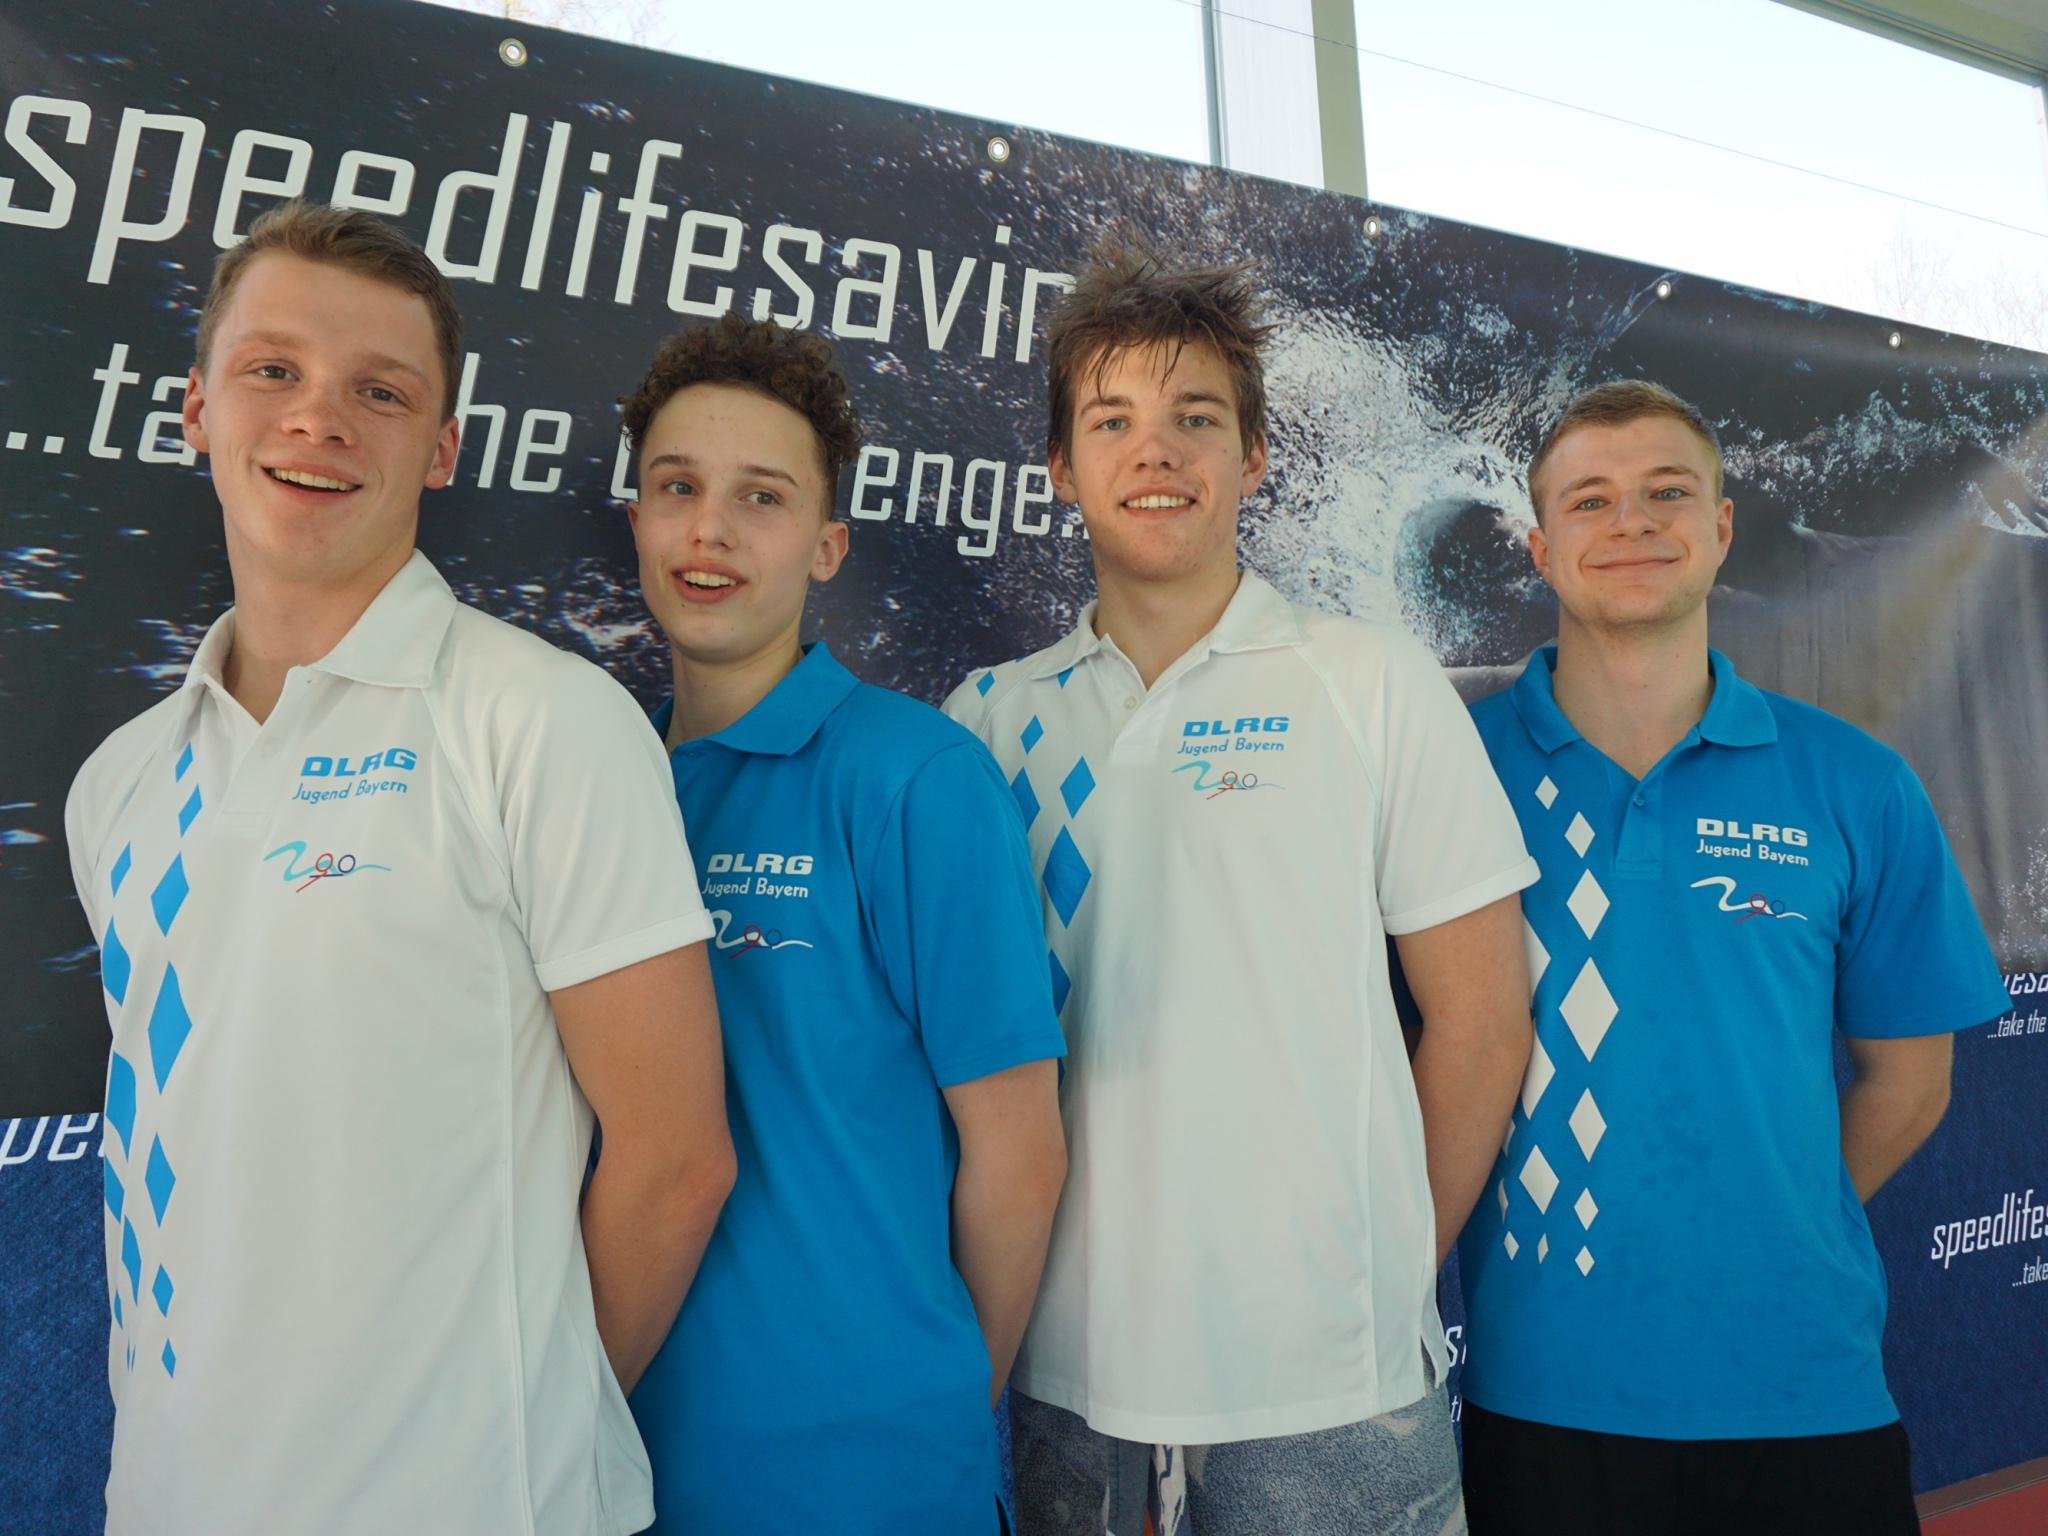 Die Herren der DLRG Jugend Bayern. Tim Dulitz ganz links. Foto: Thorsten Dulitz